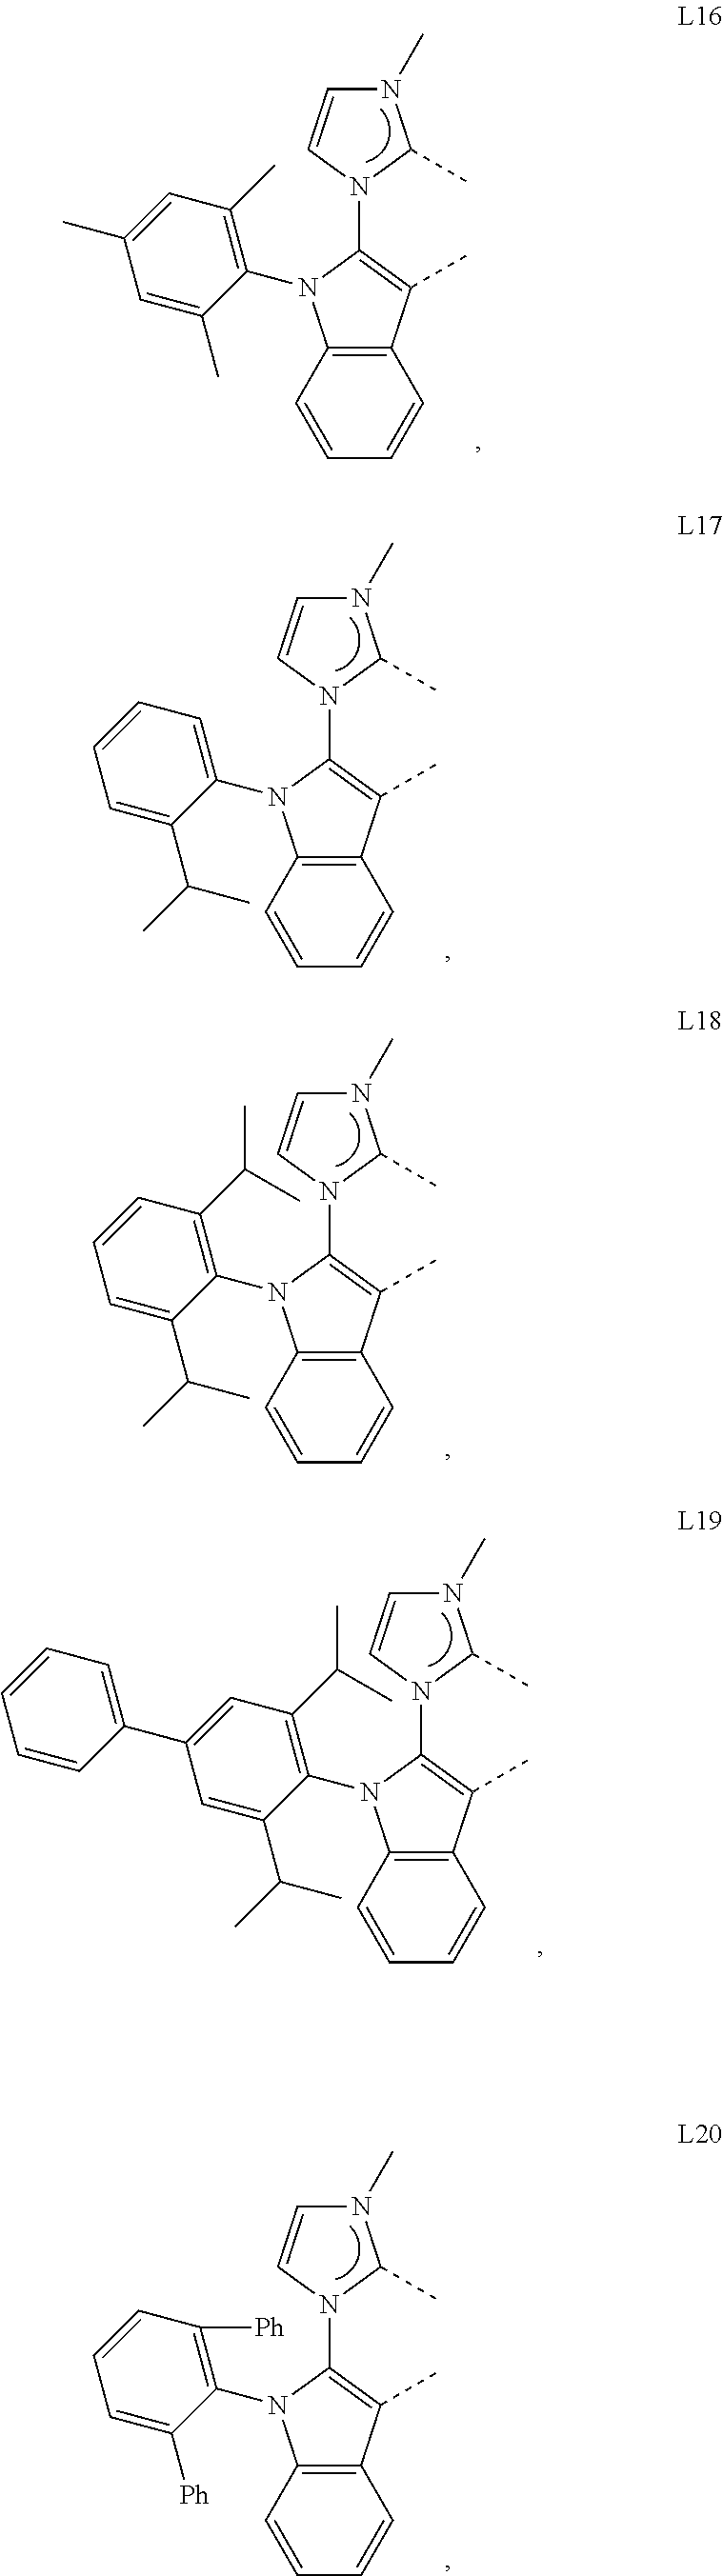 Figure US09935277-20180403-C00008